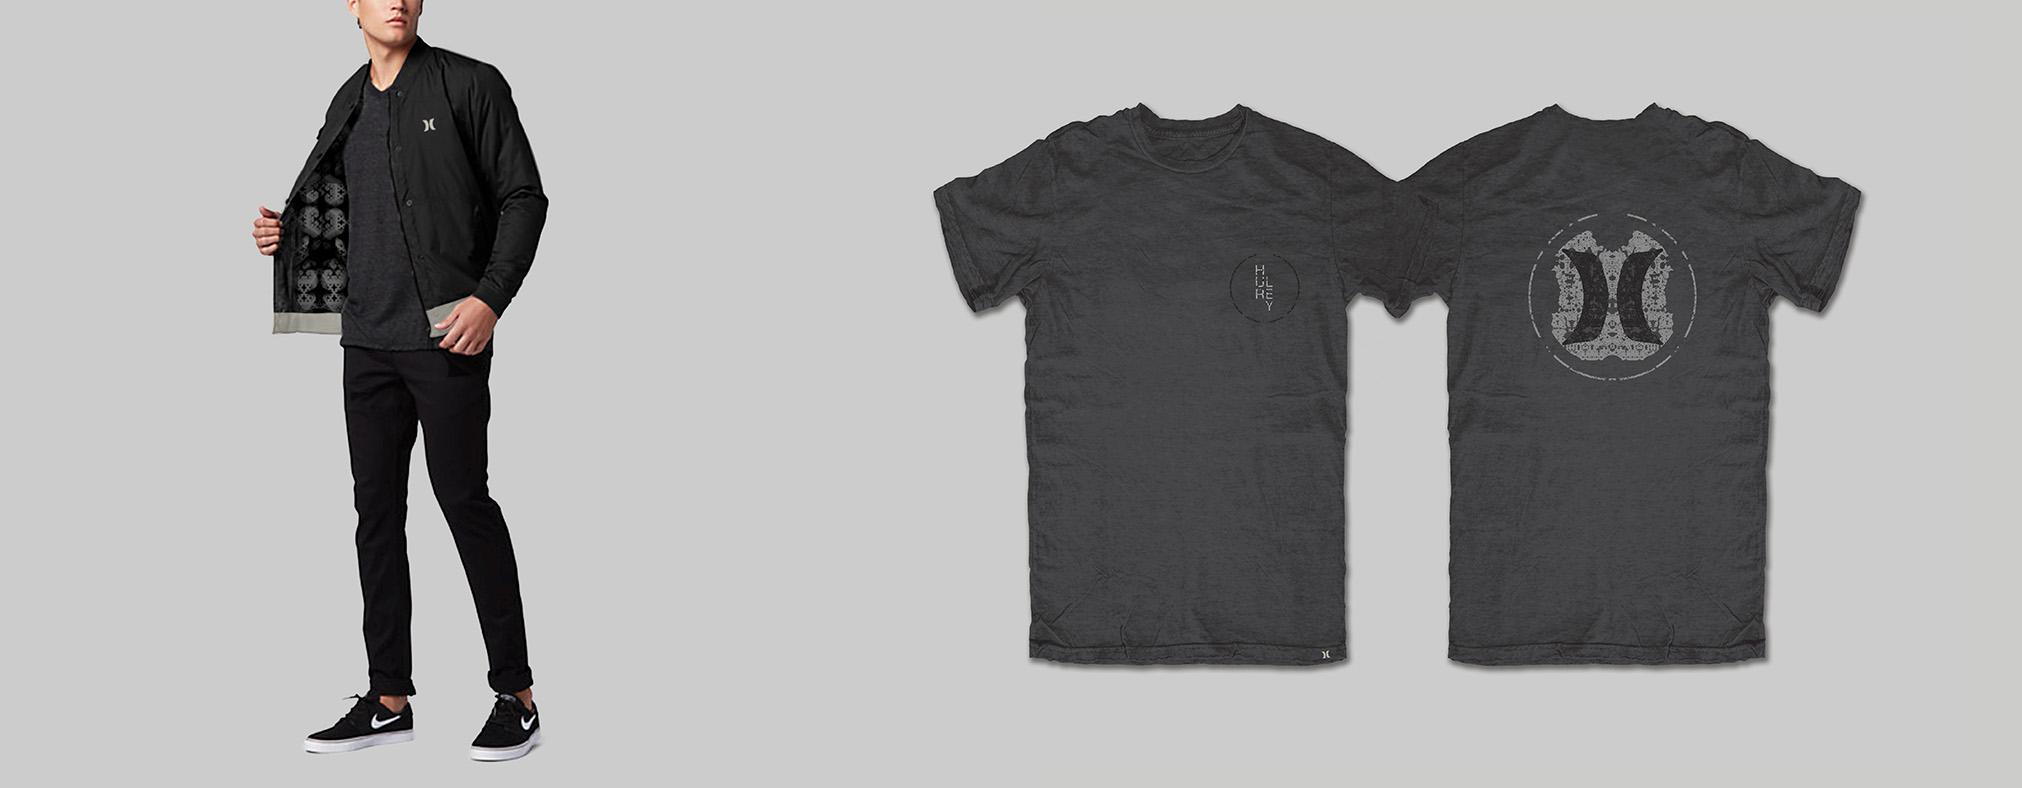 Jacket_and_shirt.jpg